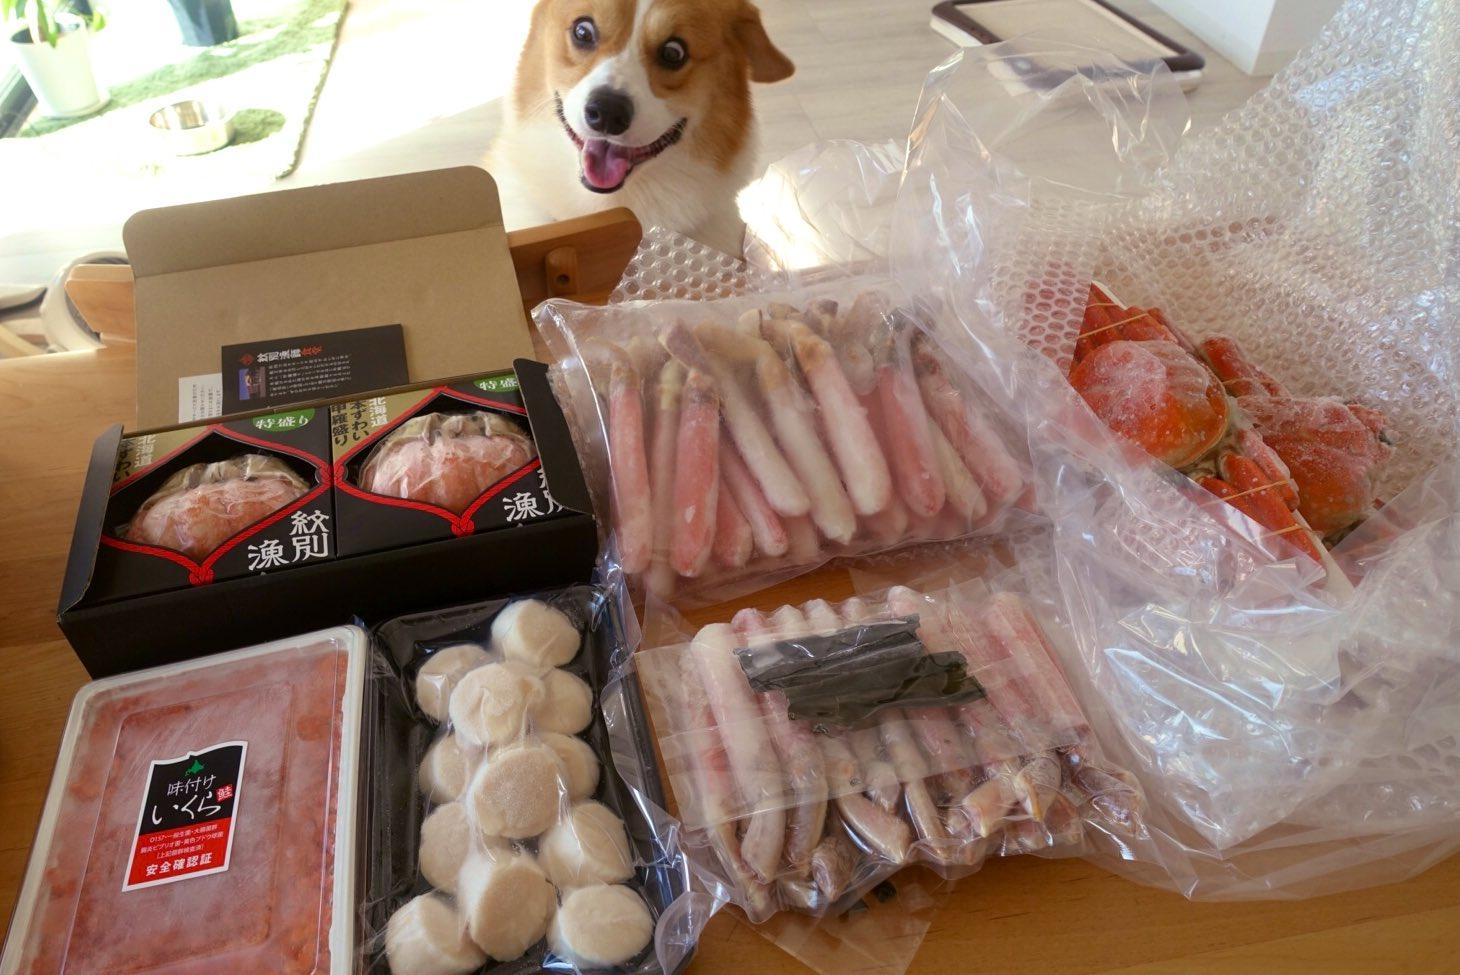 故郷納税の返礼品きた〜🦀冷凍庫なんとか入った。蟹になりたい…